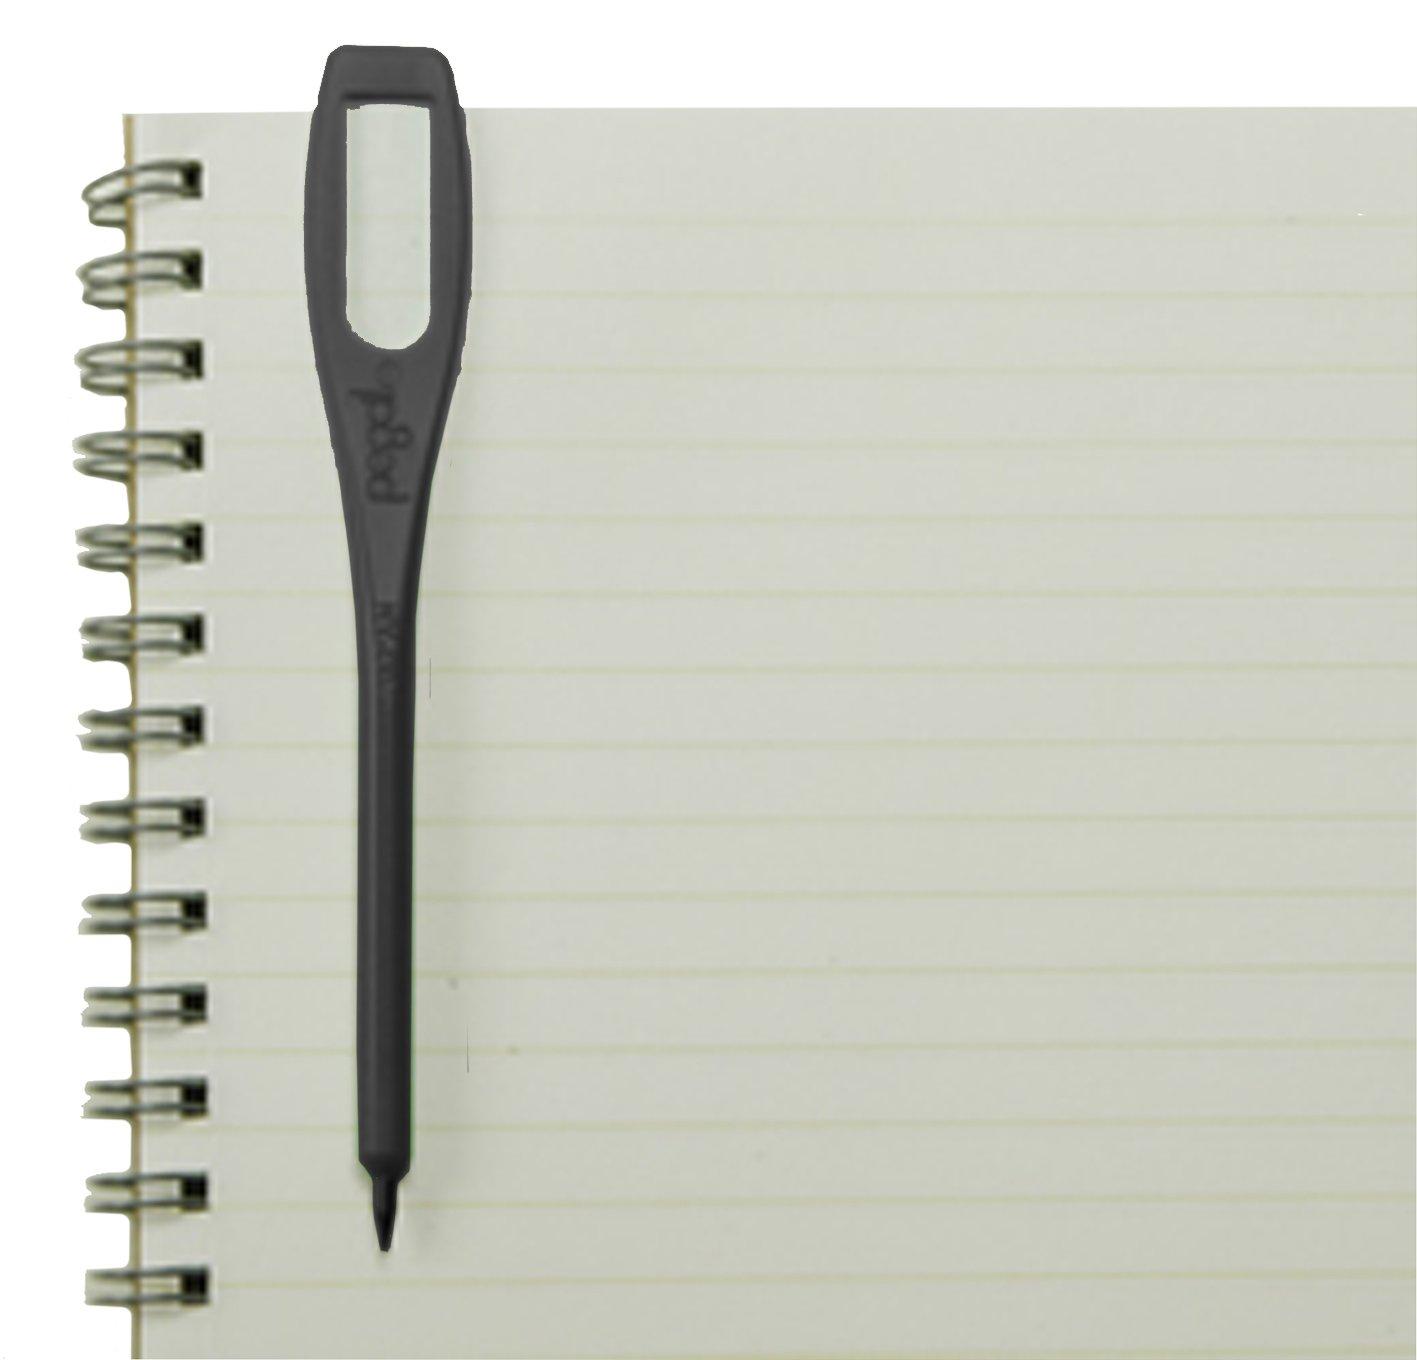 Lite Clip Pencil Pegcil 1000 (White) by Pegcil (Image #3)